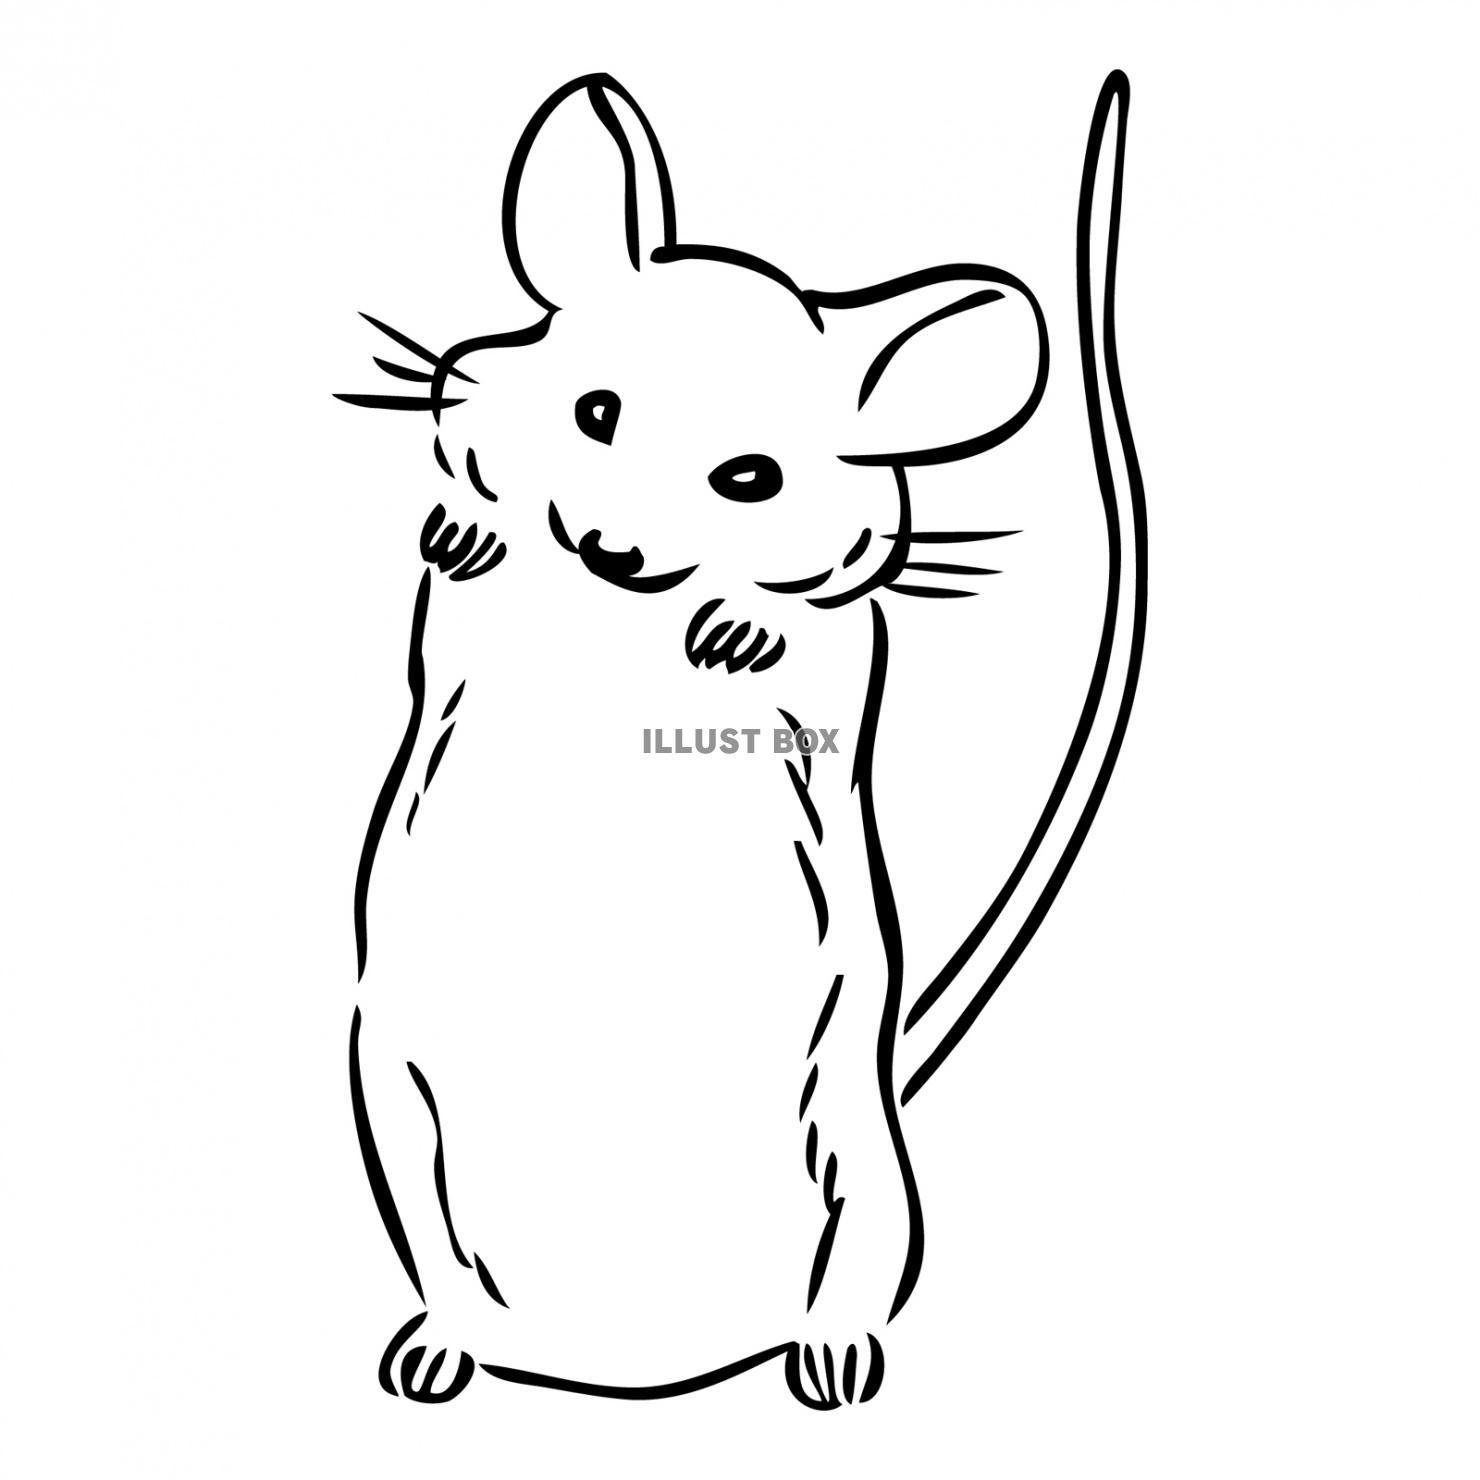 無料イラスト 2020年干支ネズミの可愛いモノクロ絵【令和二年子